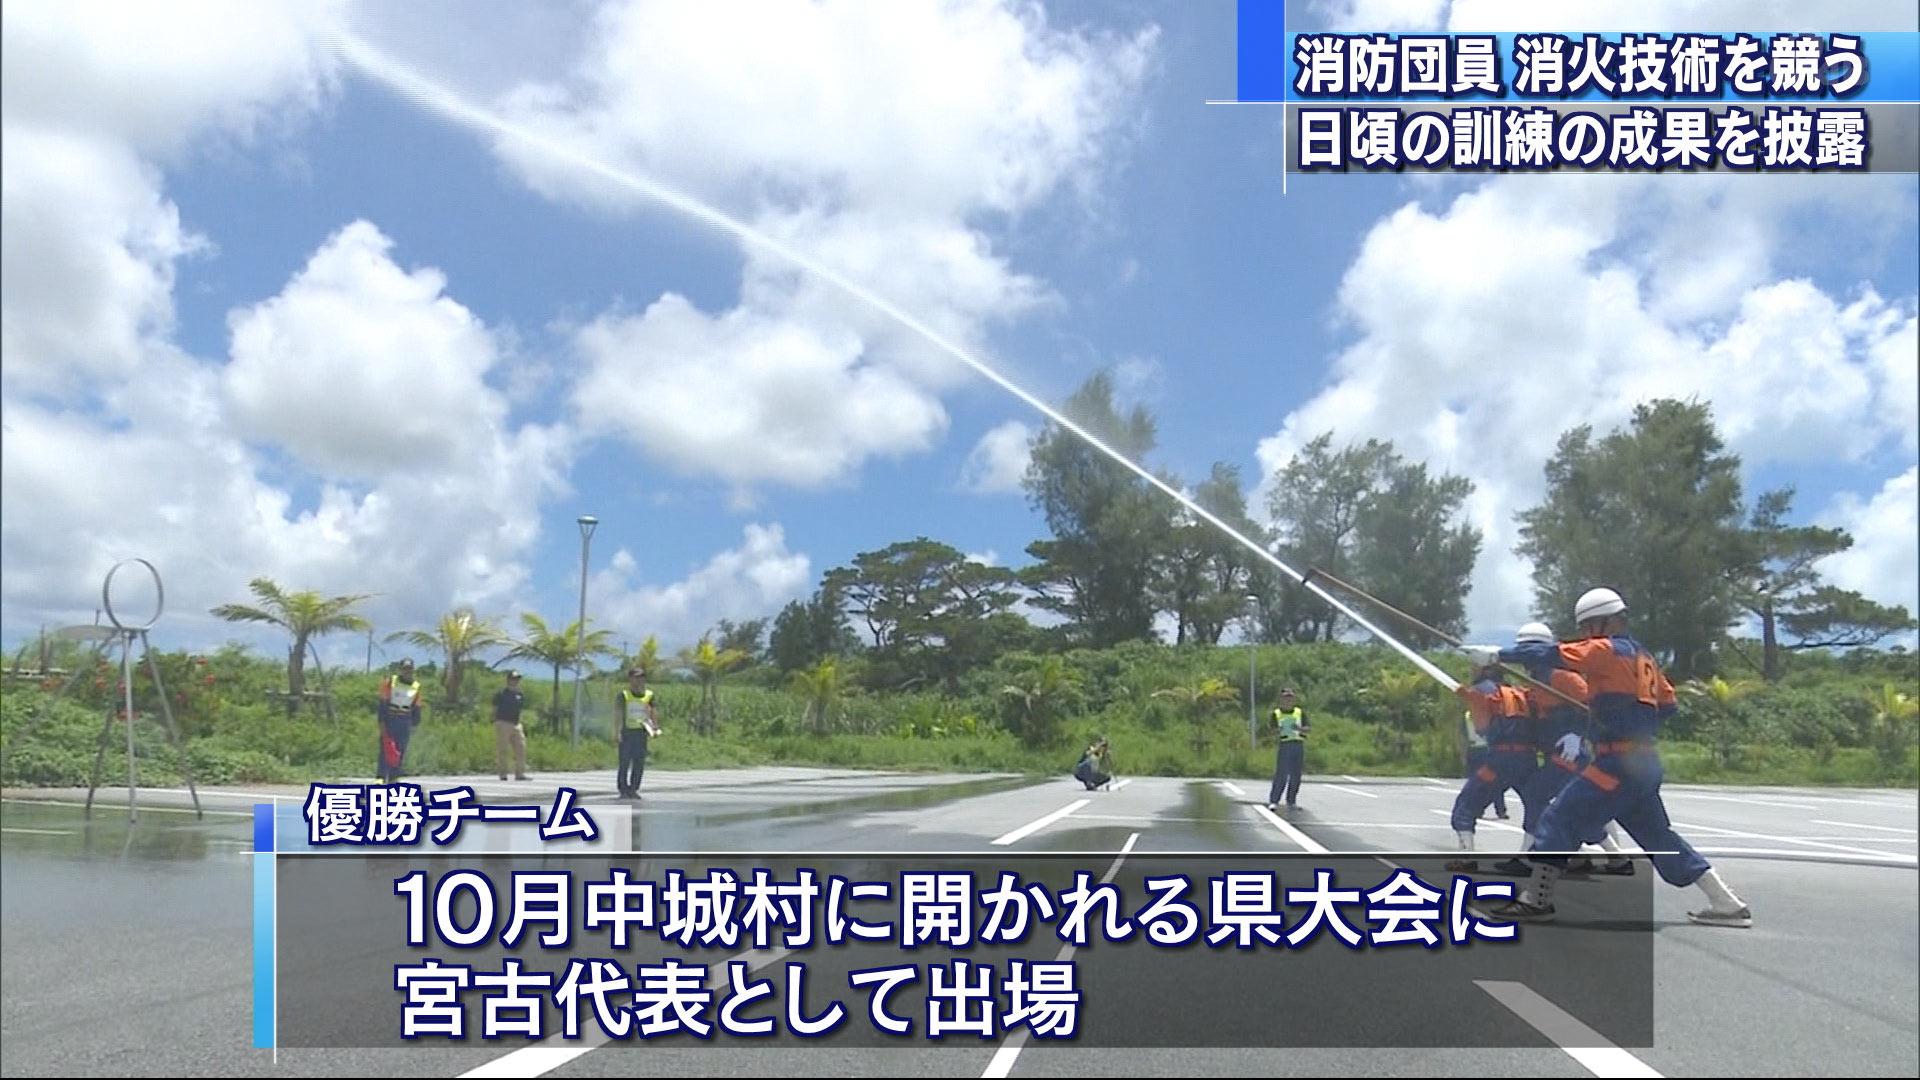 宮古島消防操法大会 消防団員の消化技術競う